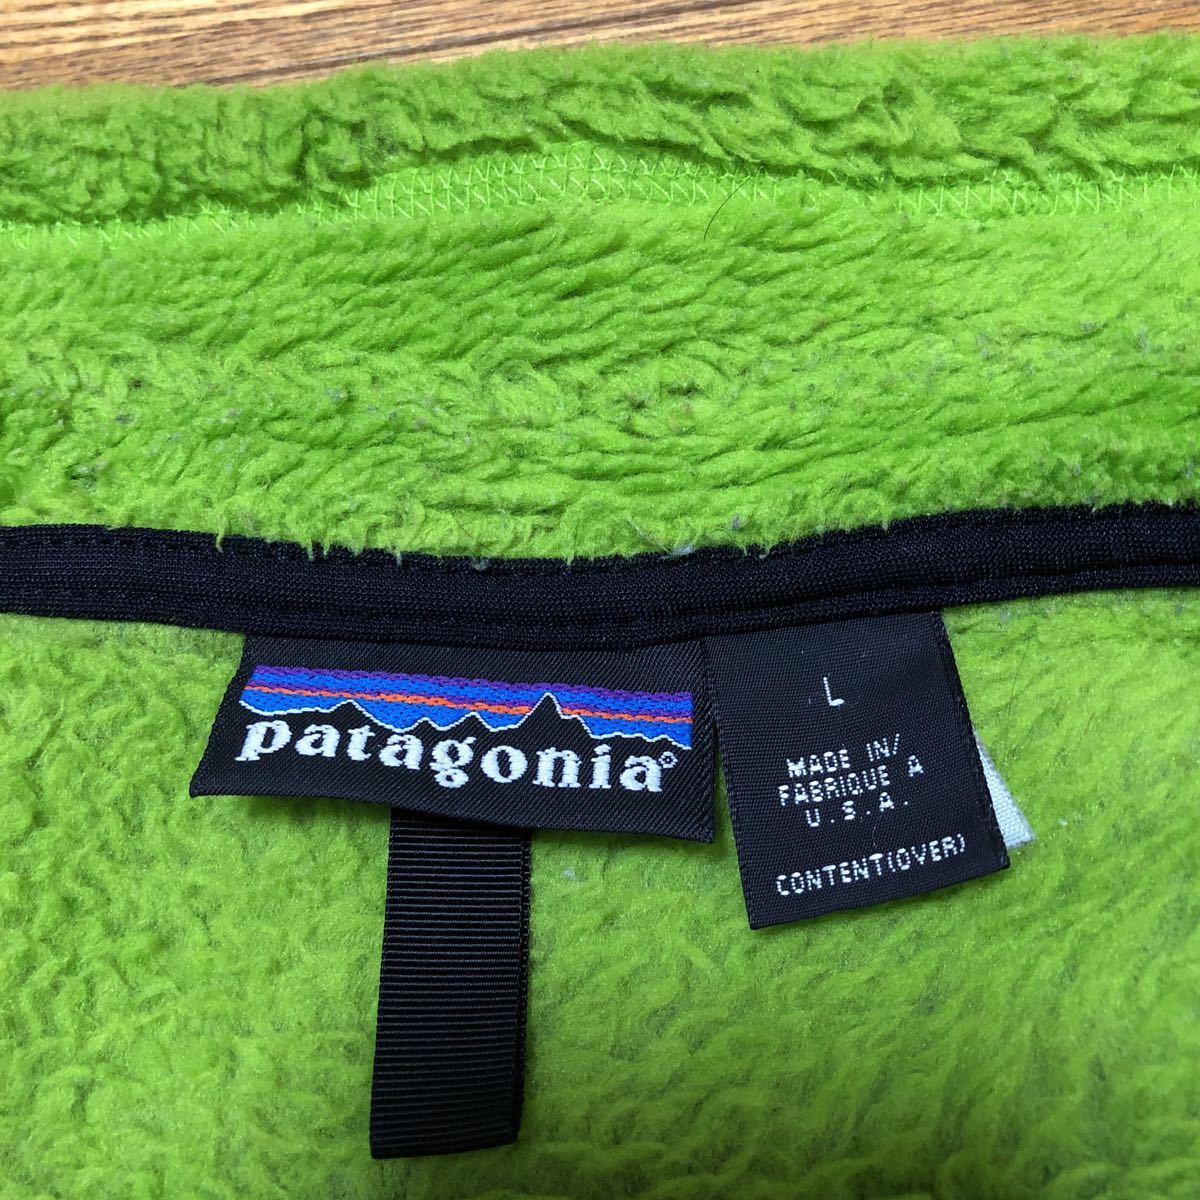 【美品】パタゴニア PATAGONIA R2 アルパインファー プルオーバー R2 ALPINEFUR PULLOVER レトロX フリースジャケット RETRO USA アメリカ_画像3